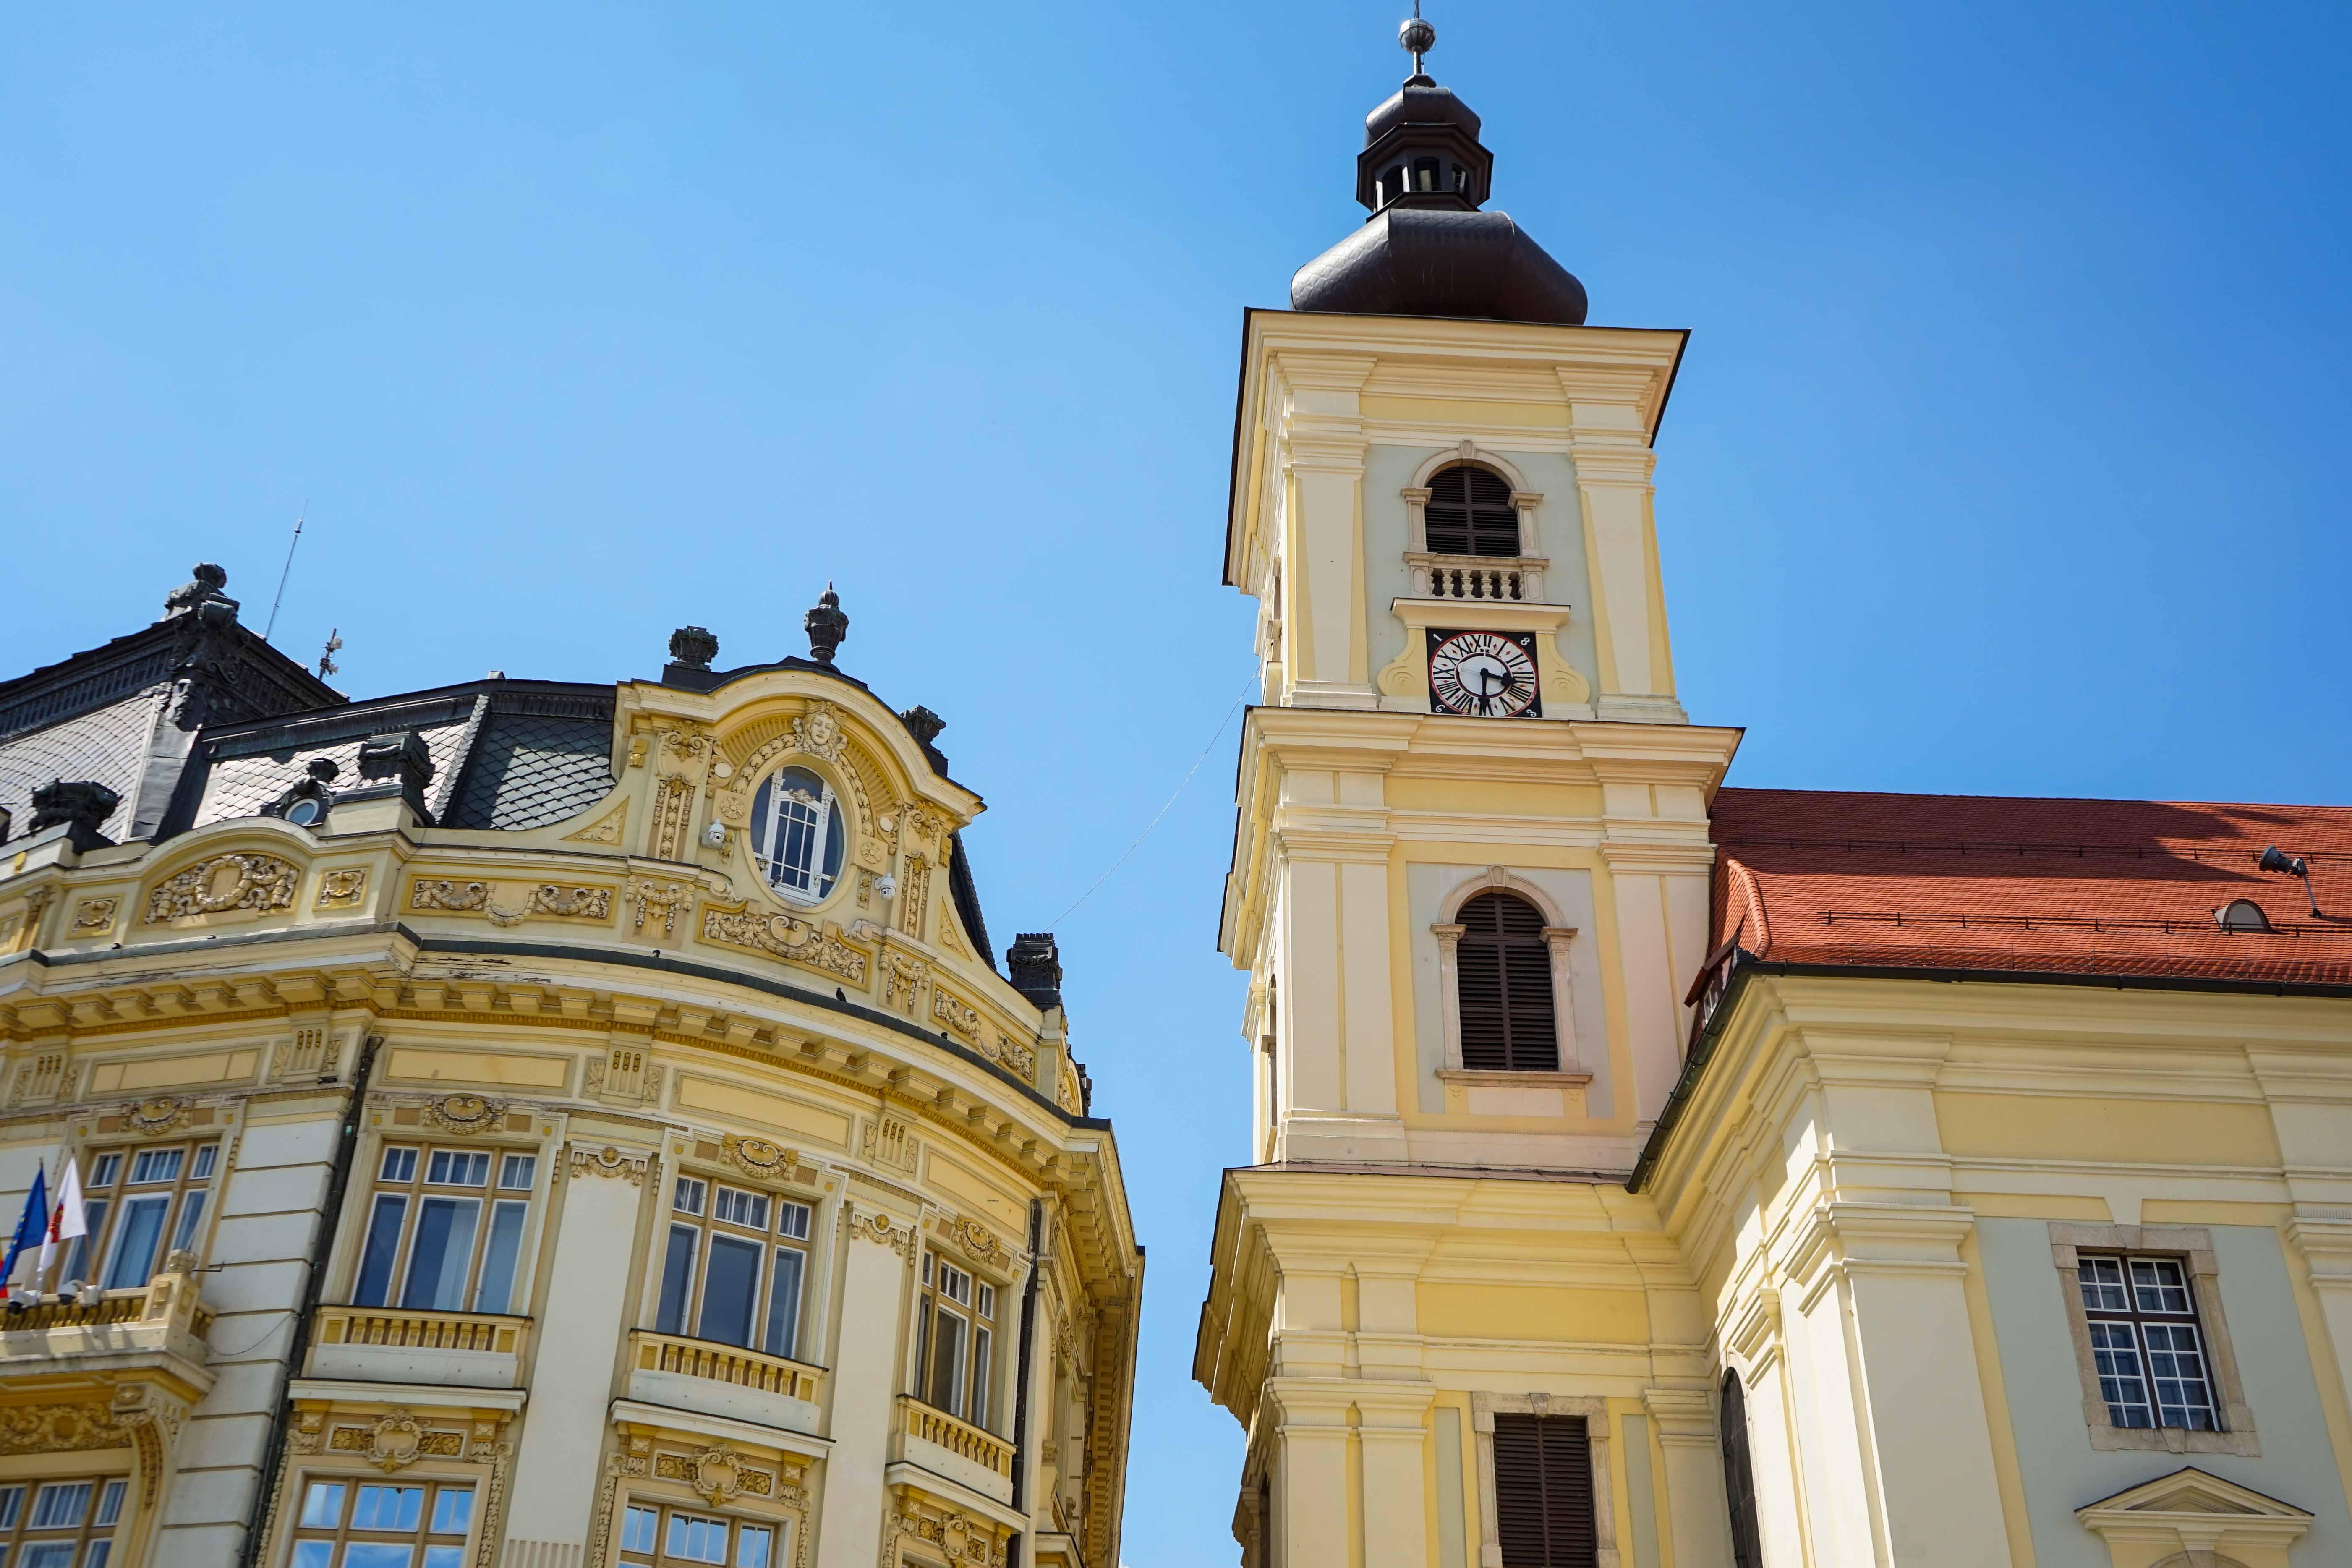 Top 10 Tipps Hermannstadt Sibiu Rumänien Reiseblog Innenstadt Sehenswürdigkeiten bunte Häuser Insider Tipps Brinisfashionbook 4